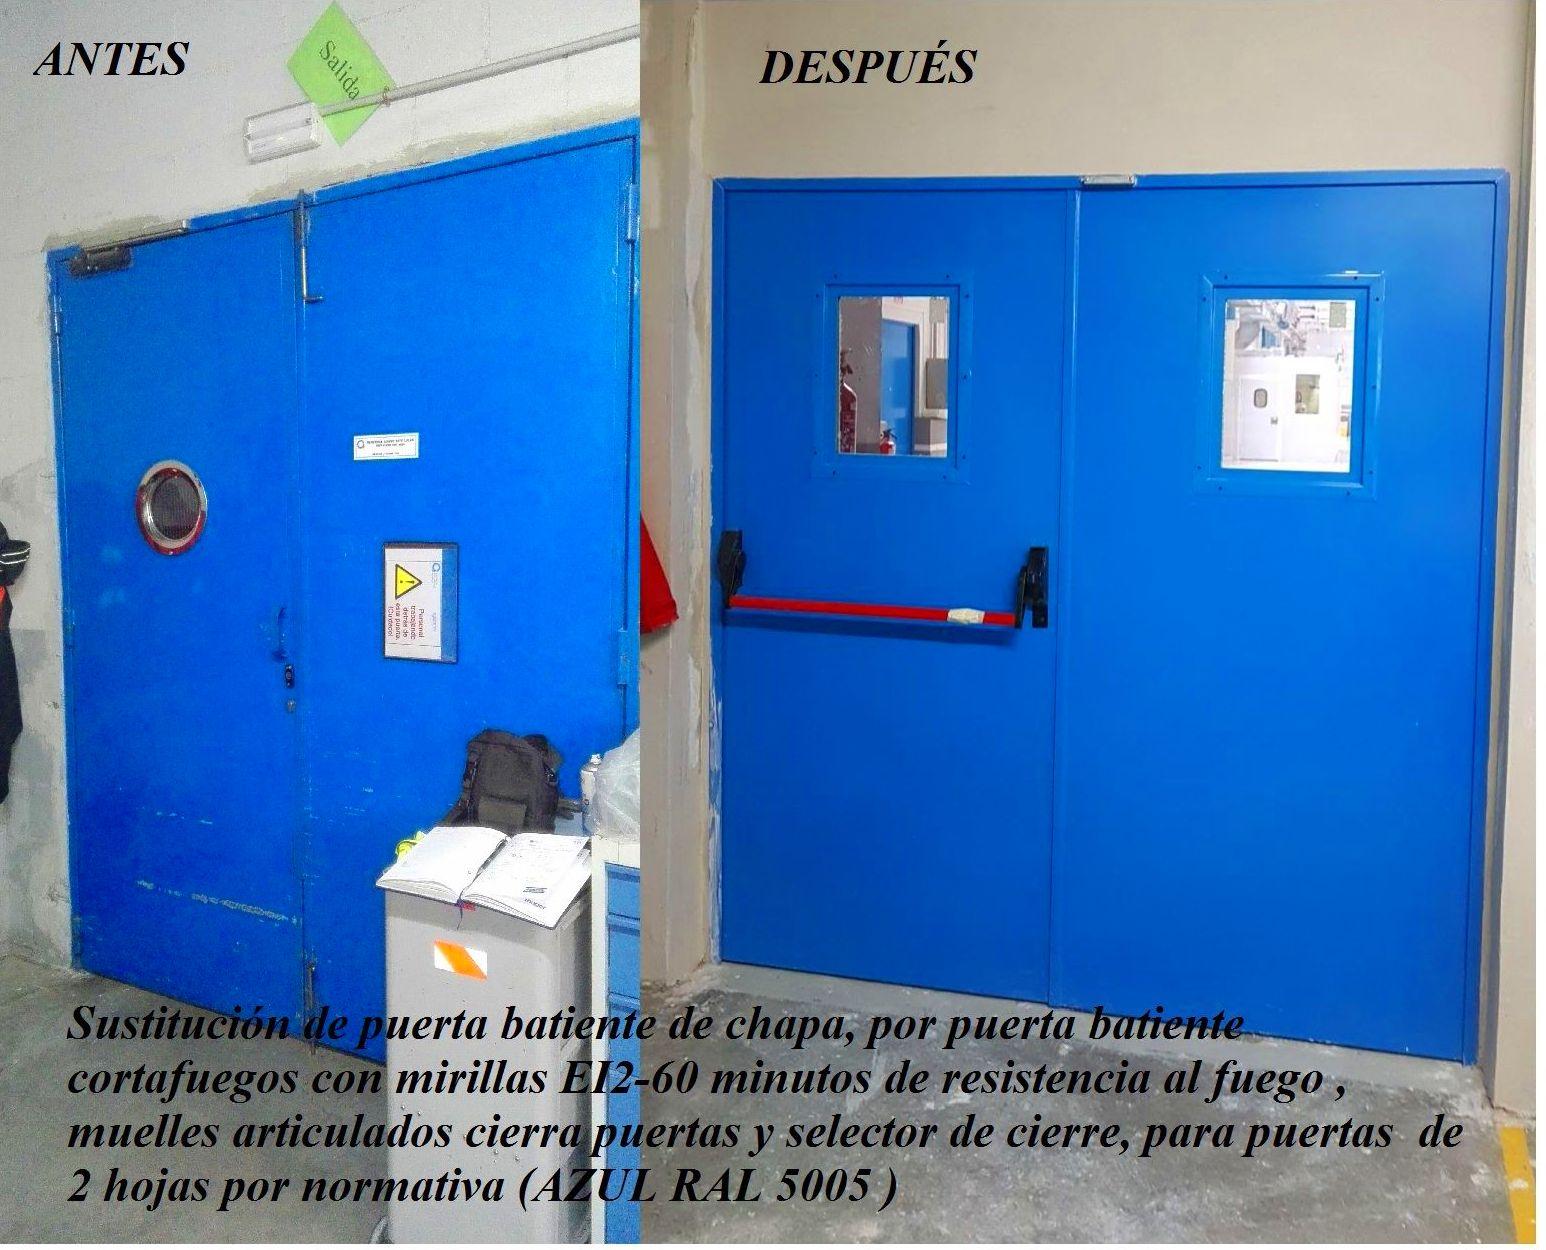 2 Puerta doble batiente mirillas Cortafuegos EI2-60 cierrapuertas y selector de cierre